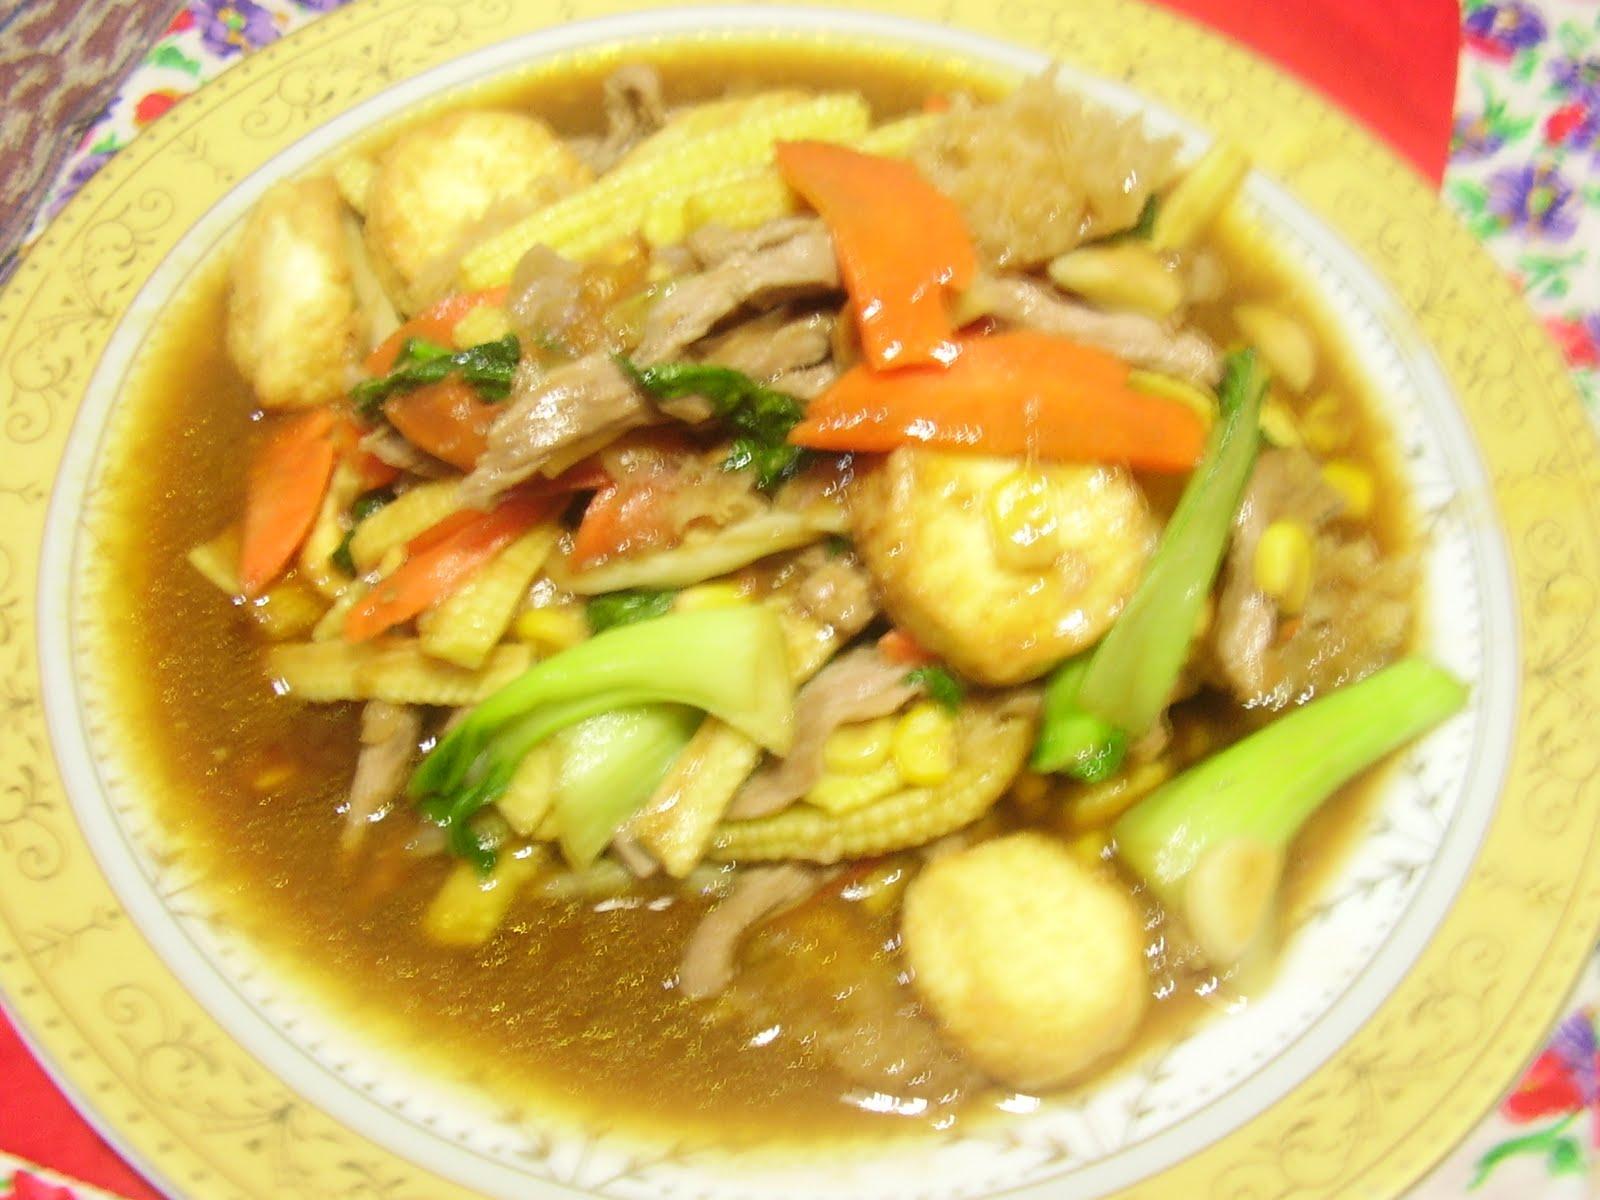 Resep Masakan Keluarga Susono: SAPO TAHU DAGING